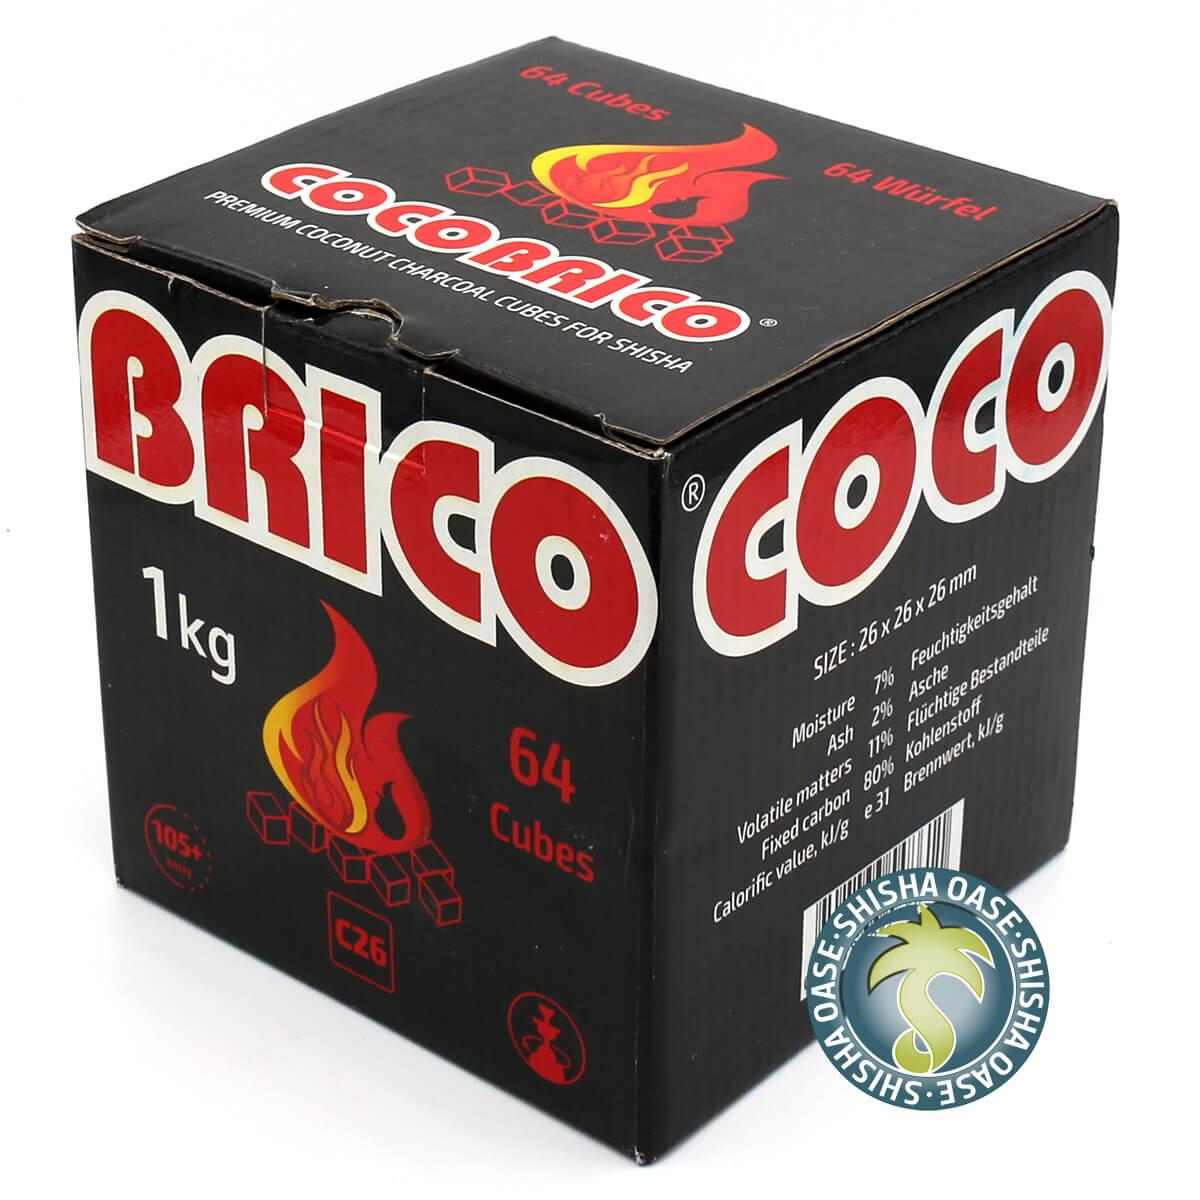 Cocobrico C26 - 1kg